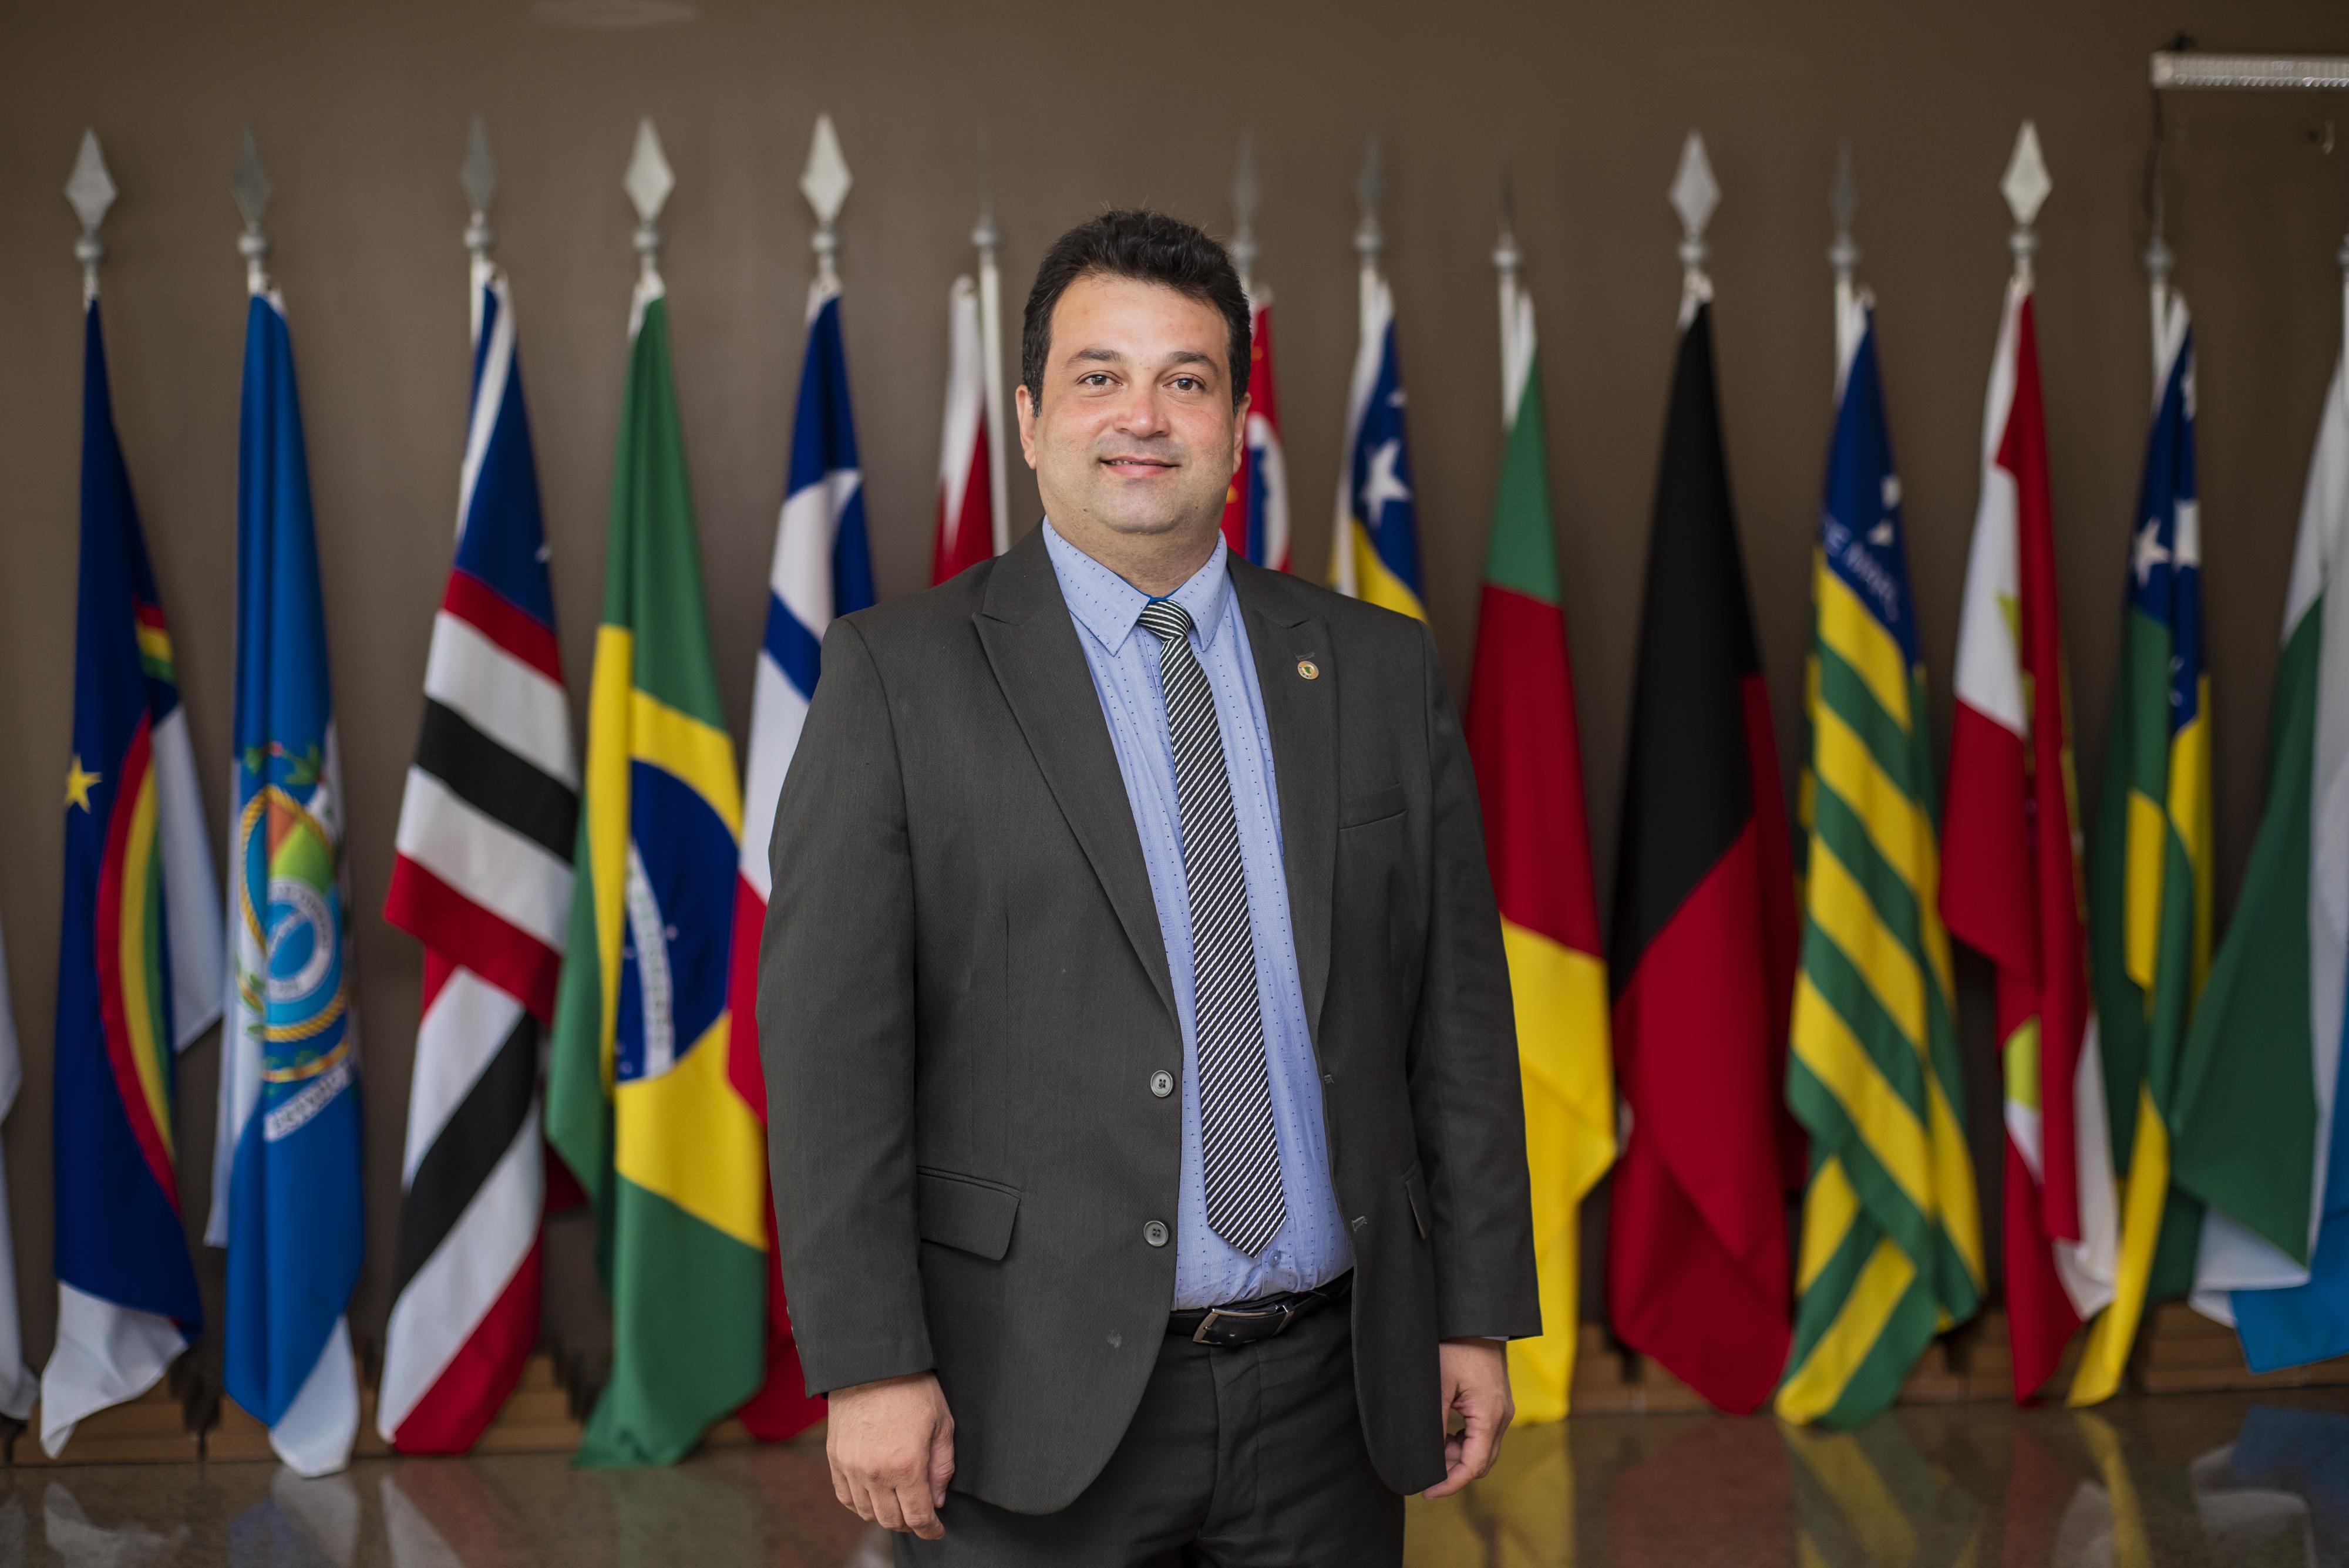 Adelmo Soares é o novo presidente da Comissão de Administração Pública, Seguridade Social e Relações de Trabalho